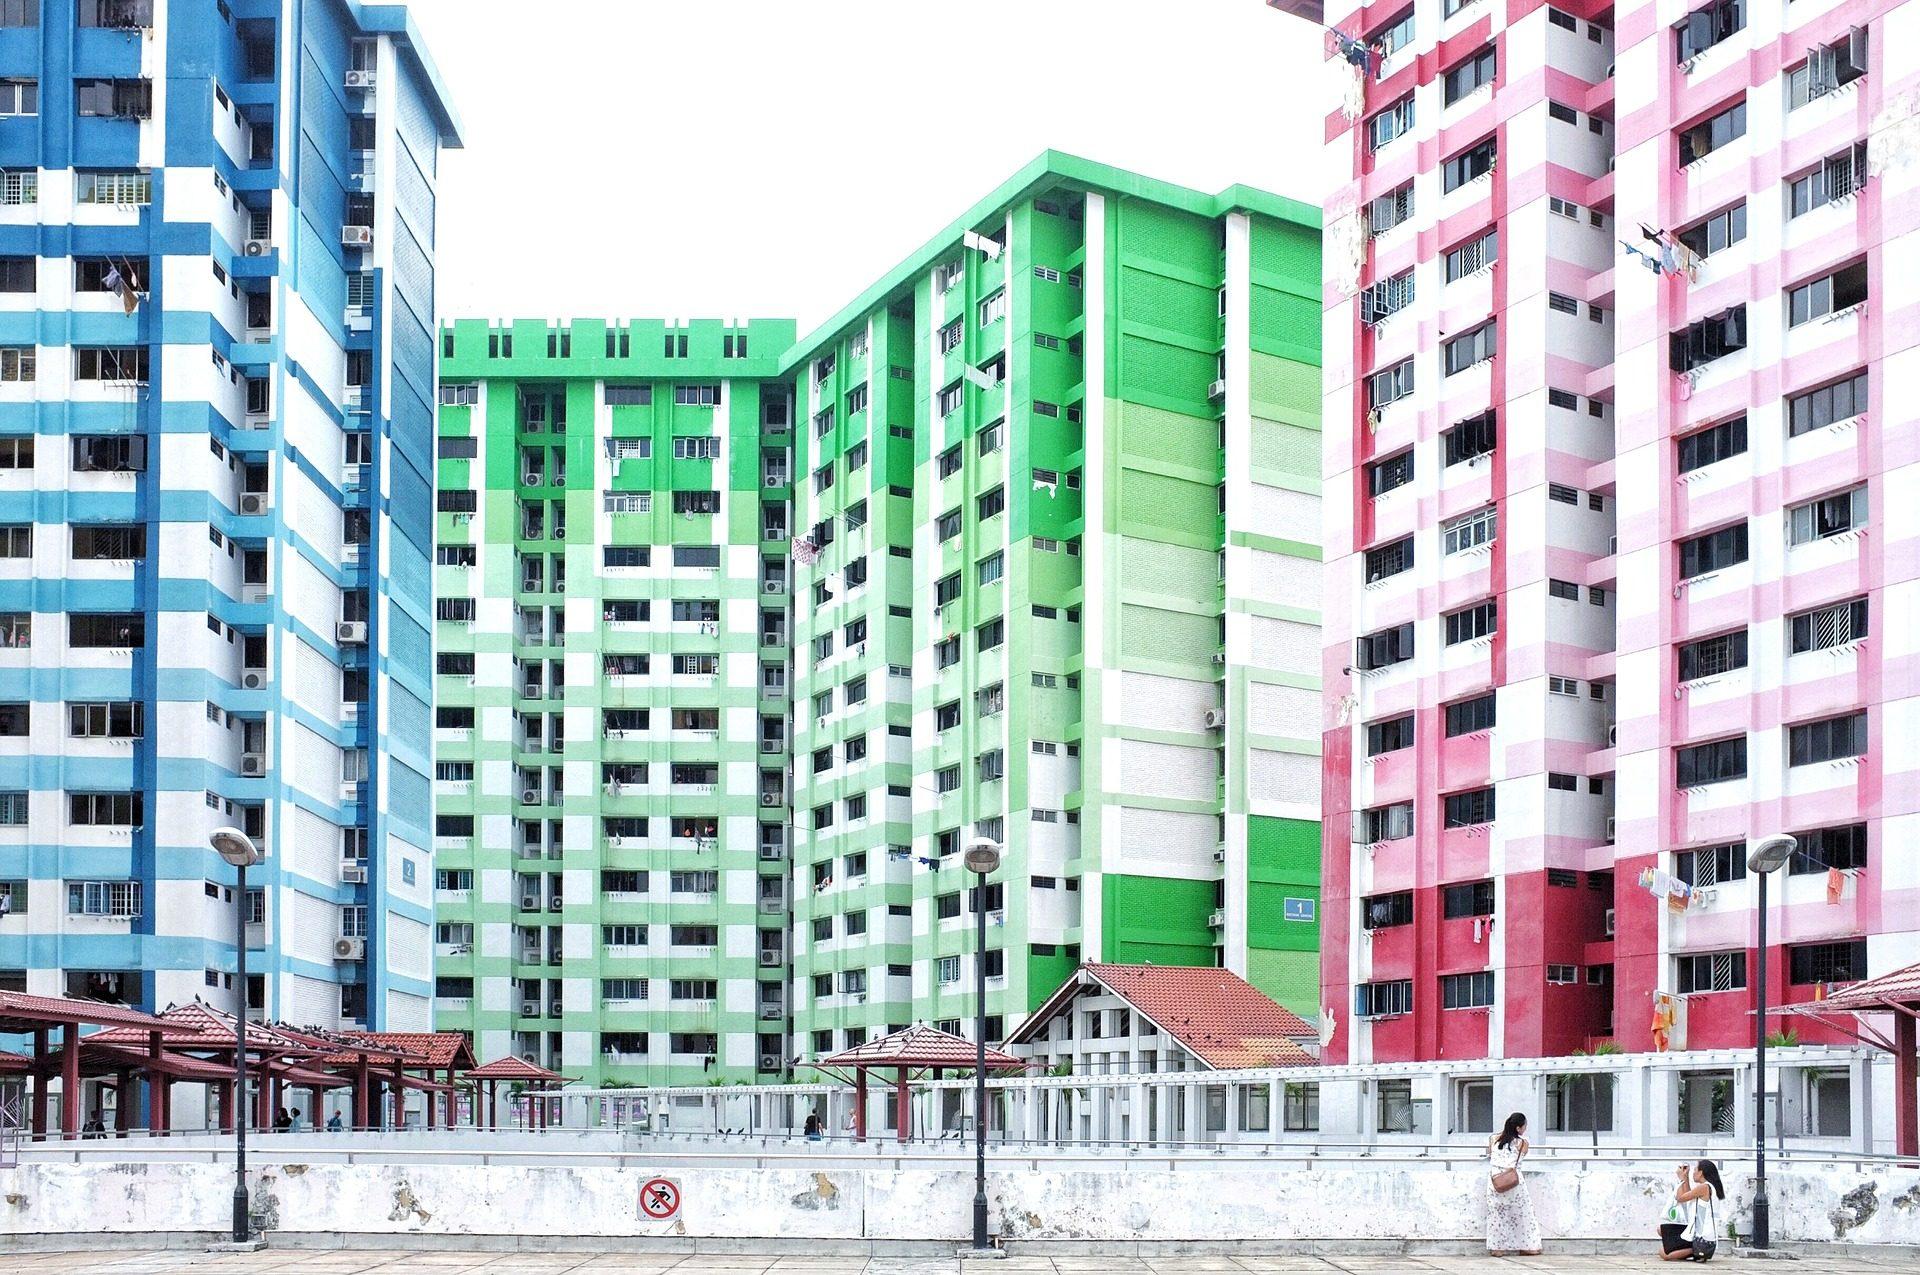 Gebäude, bunte, Wohn-, Architektur, Torres - Wallpaper HD - Prof.-falken.com